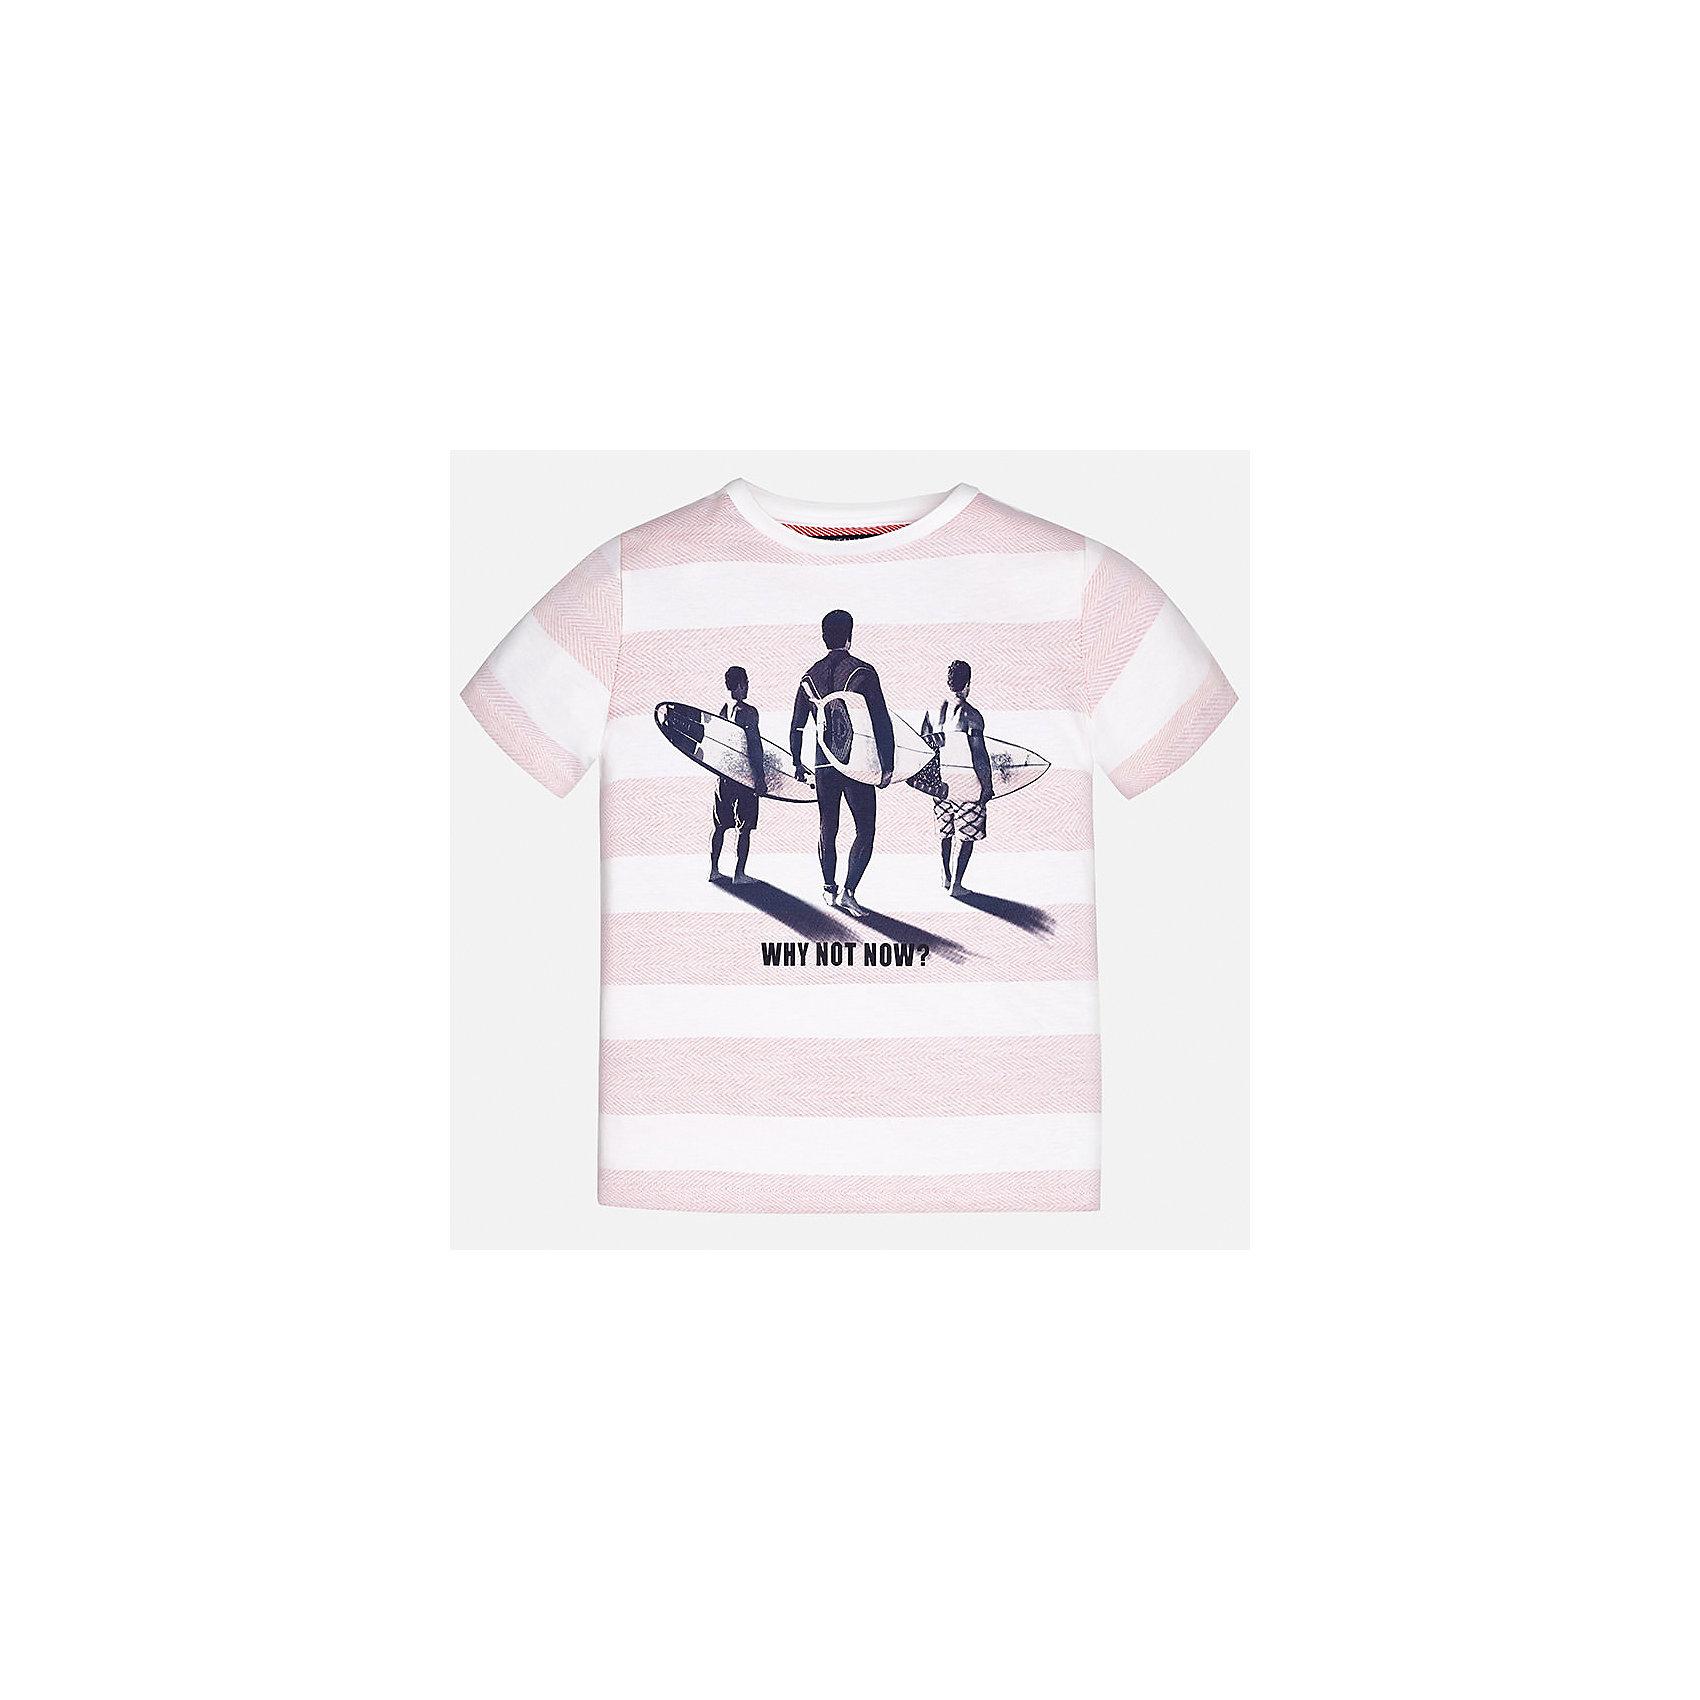 Футболка для мальчика MayoralФутболки, поло и топы<br>Характеристики товара:<br><br>• цвет: белый/розовый<br>• состав: 100% хлопок<br>• круглый горловой вырез<br>• декорирована принтом<br>• короткие рукава<br>• мягкая отделка горловины<br>• страна бренда: Испания<br><br>Стильная удобная футболка с принтом поможет разнообразить гардероб мальчика. Она отлично сочетается с брюками, шортами, джинсами. Универсальный крой и цвет позволяет подобрать к вещи низ разных расцветок. Практичное и стильное изделие! Хорошо смотрится и комфортно сидит на детях. В составе материала - только натуральный хлопок, гипоаллергенный, приятный на ощупь, дышащий. <br><br>Одежда, обувь и аксессуары от испанского бренда Mayoral полюбились детям и взрослым по всему миру. Модели этой марки - стильные и удобные. Для их производства используются только безопасные, качественные материалы и фурнитура. Порадуйте ребенка модными и красивыми вещами от Mayoral! <br><br>Футболку для мальчика от испанского бренда Mayoral (Майорал) можно купить в нашем интернет-магазине.<br><br>Ширина мм: 199<br>Глубина мм: 10<br>Высота мм: 161<br>Вес г: 151<br>Цвет: розовый<br>Возраст от месяцев: 84<br>Возраст до месяцев: 96<br>Пол: Мужской<br>Возраст: Детский<br>Размер: 128/134,164,158,152,170,140<br>SKU: 5281444